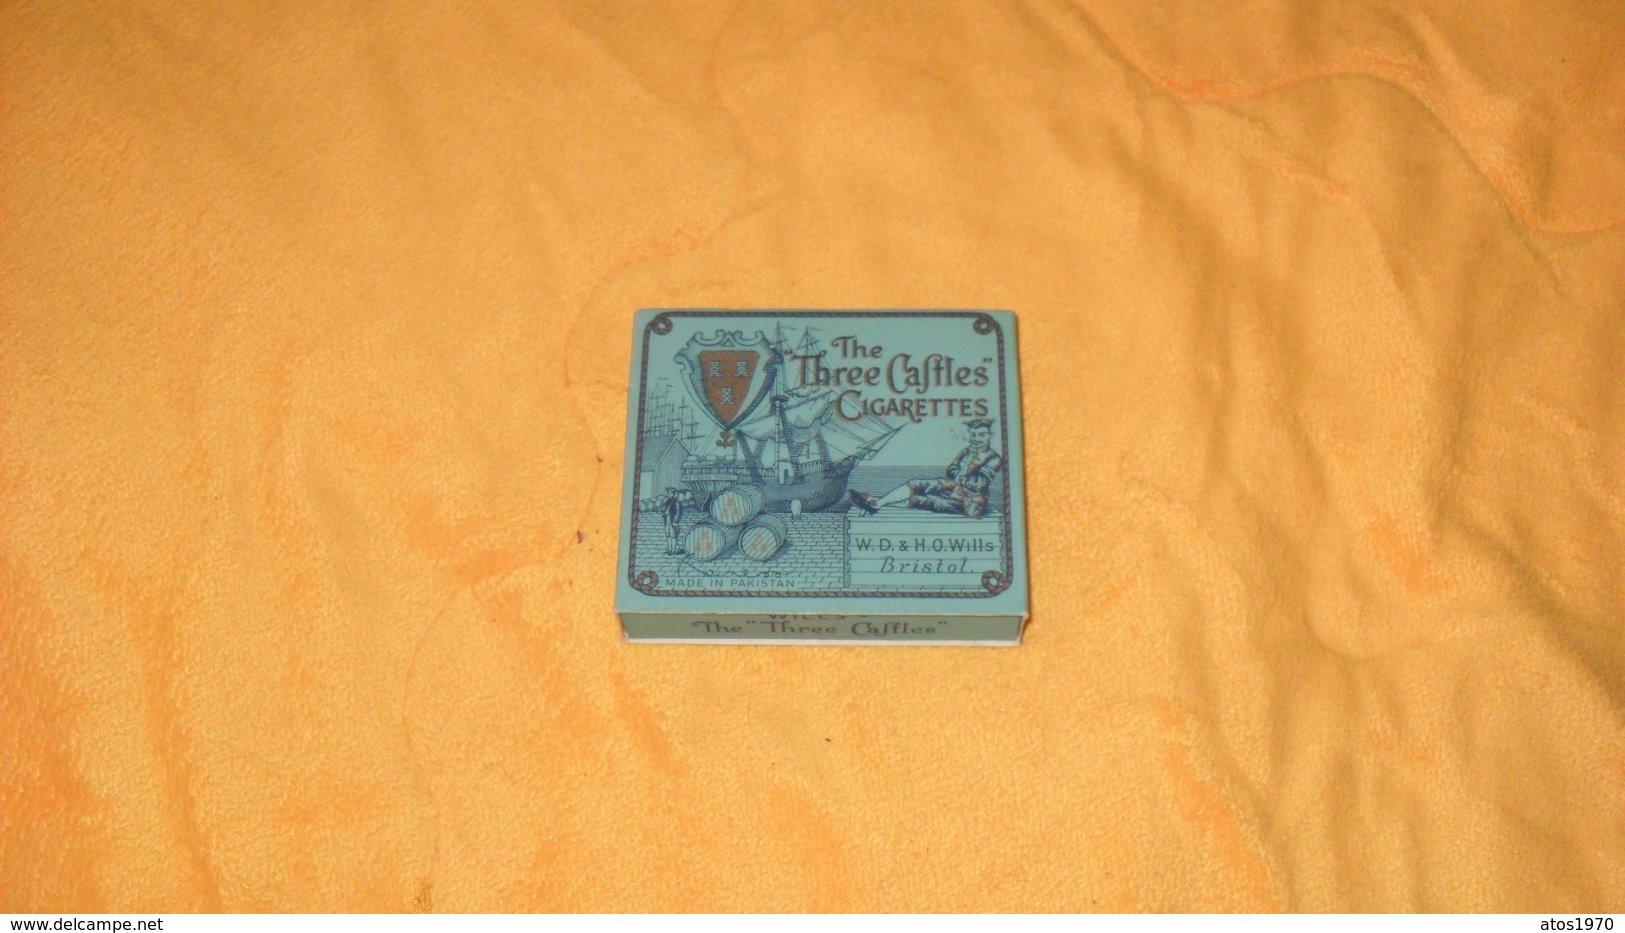 ANCIEN BEAU PAQUET DE CIGARETTES VIDES THE THREE CASTLES CIGARETTES PAKISTAN. W.D. & H.O. WILLS BRISTOL - Boites à Tabac Vides